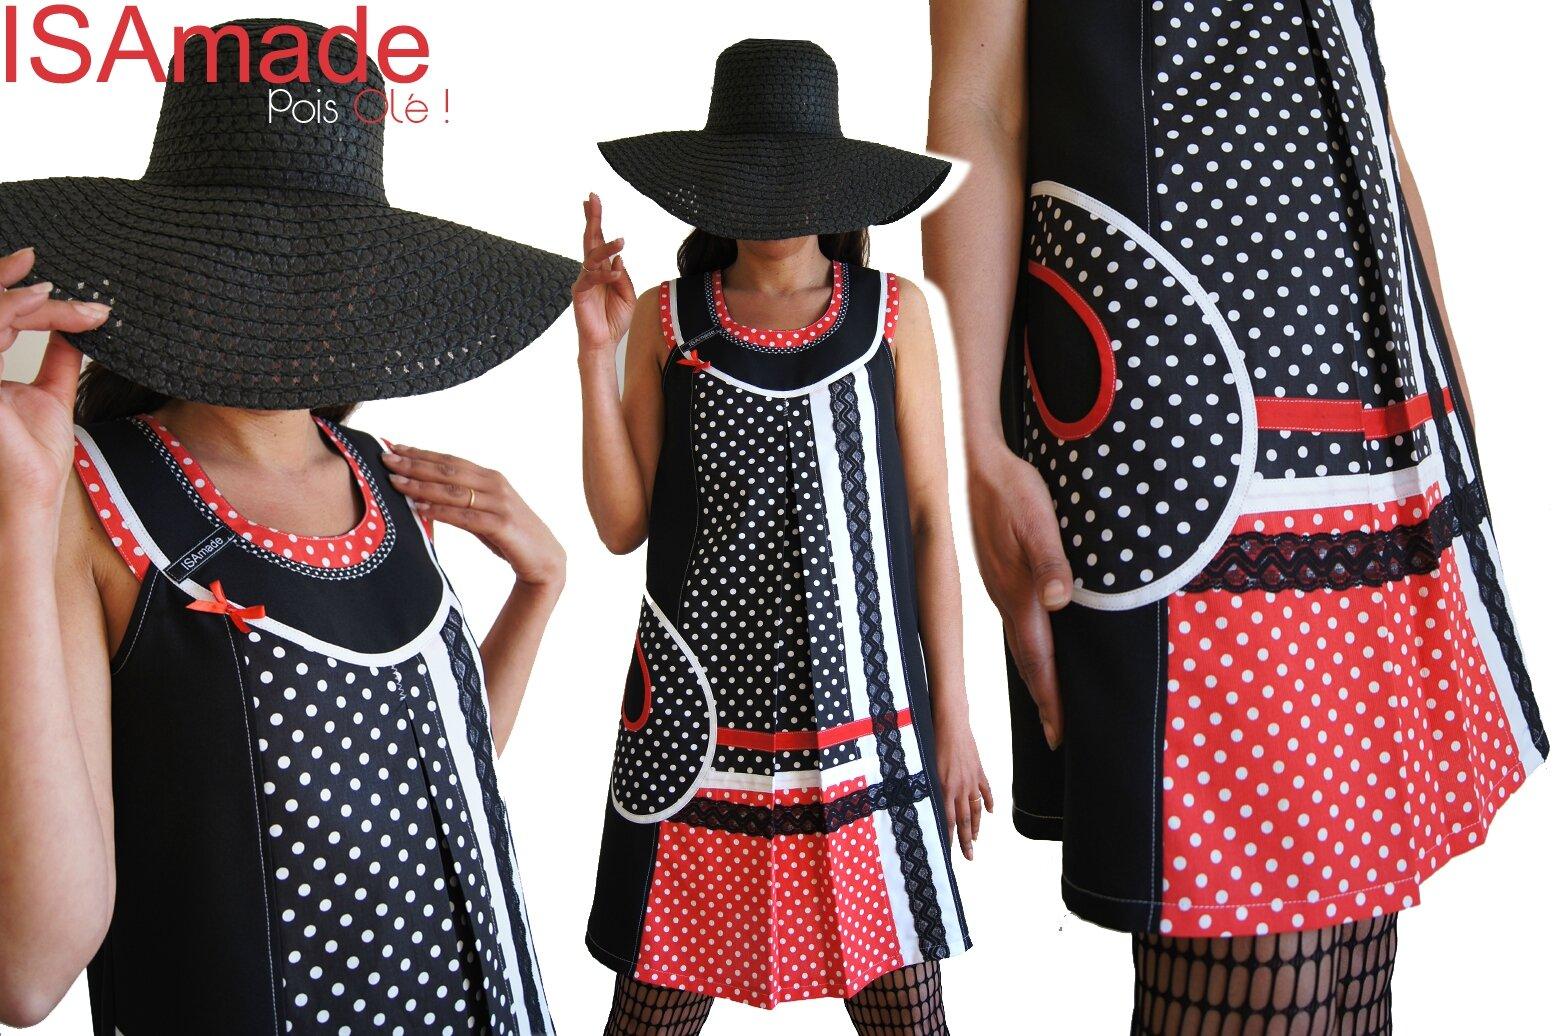 Robe Graphique Trapèze à pois Bicolore Noir/blanc et Rouge à imprimés Pois et dentelle Printemps 2014